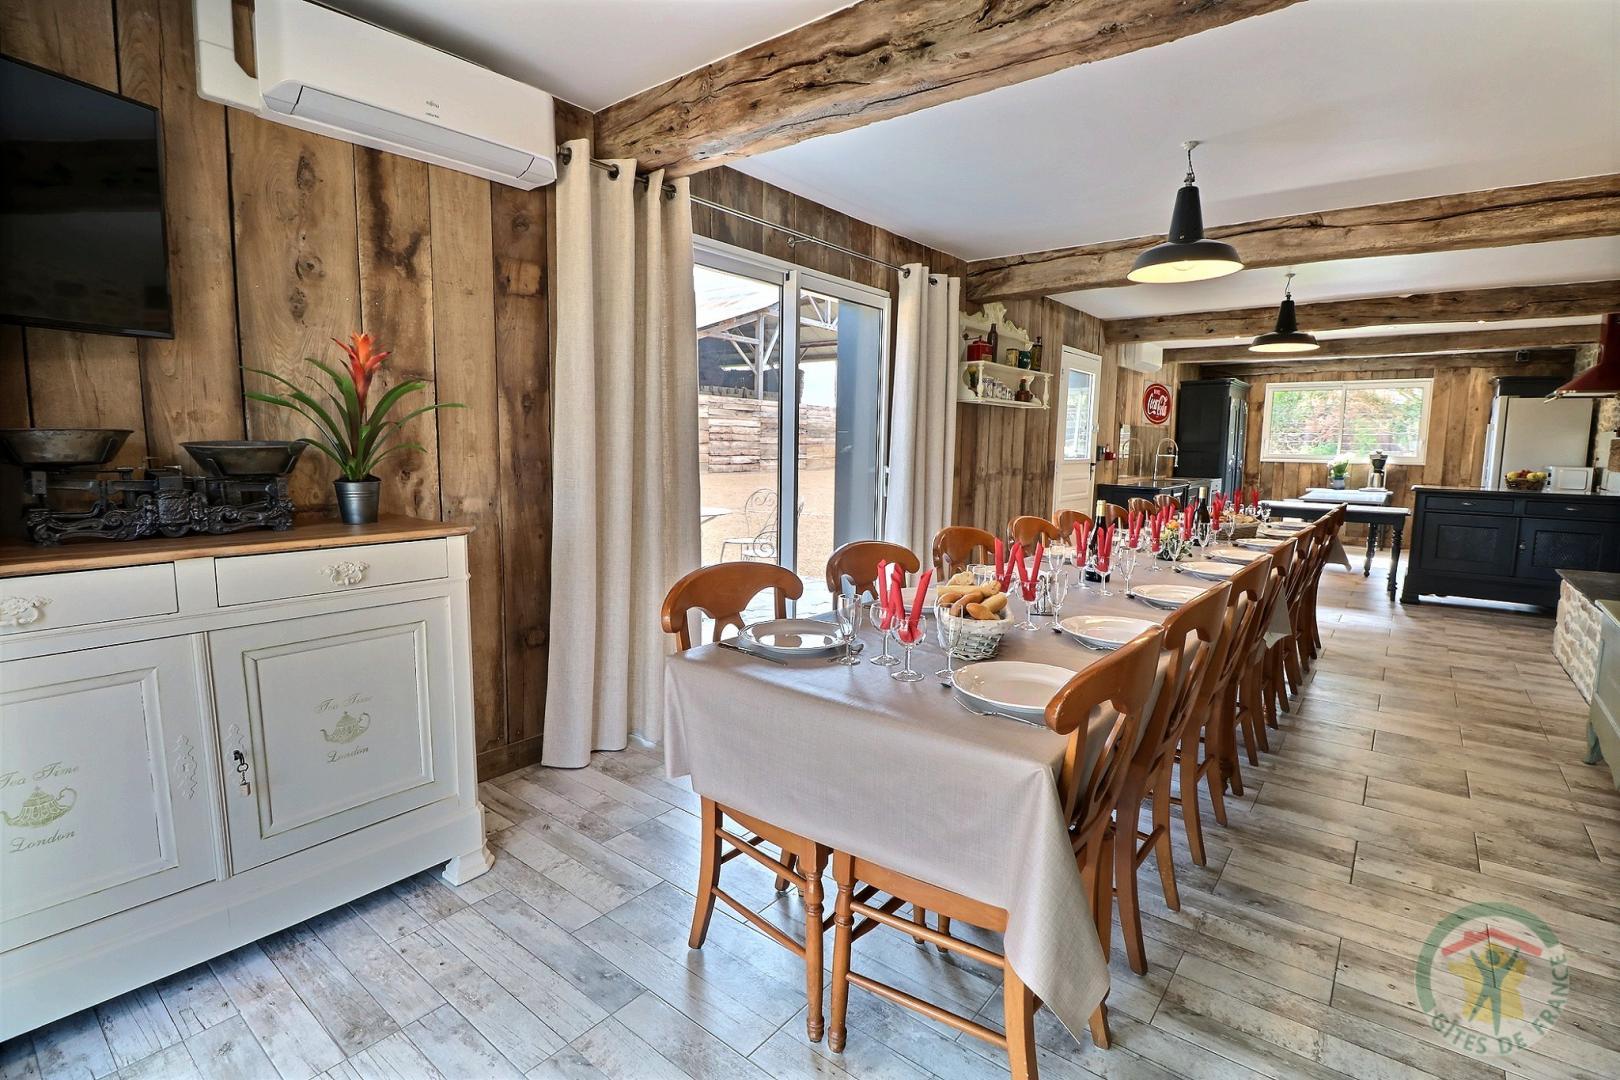 Gîte au bois charmant (Salle à manger)